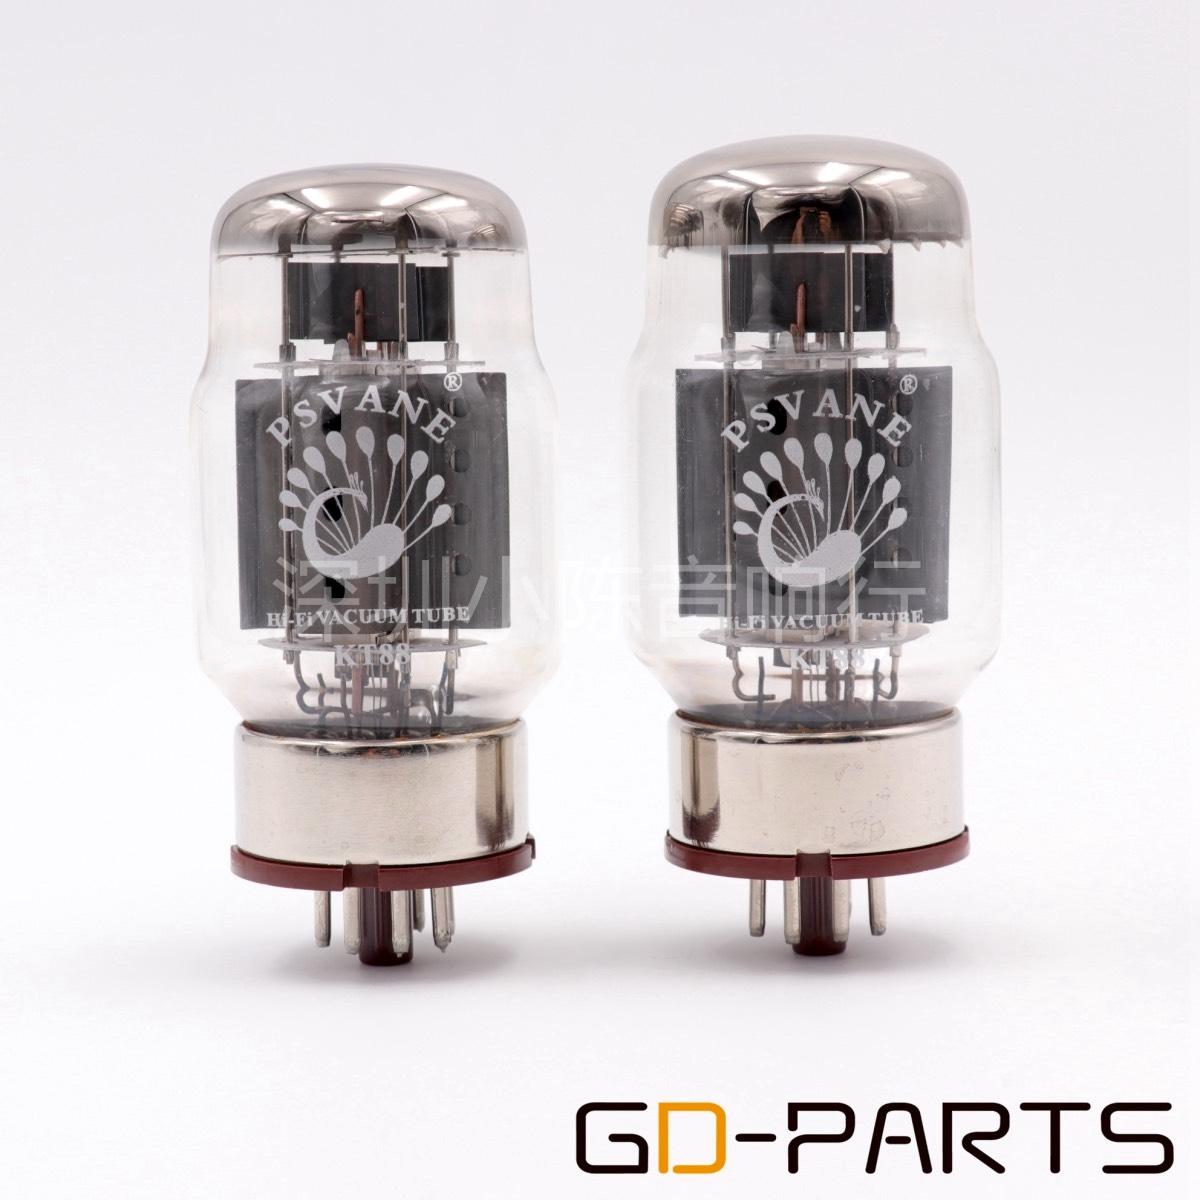 PSVANE знать это звук KT88 электронный трубка поколение Shu свет 6550 завод с для гарантия 1 год запрос приятно удивлен